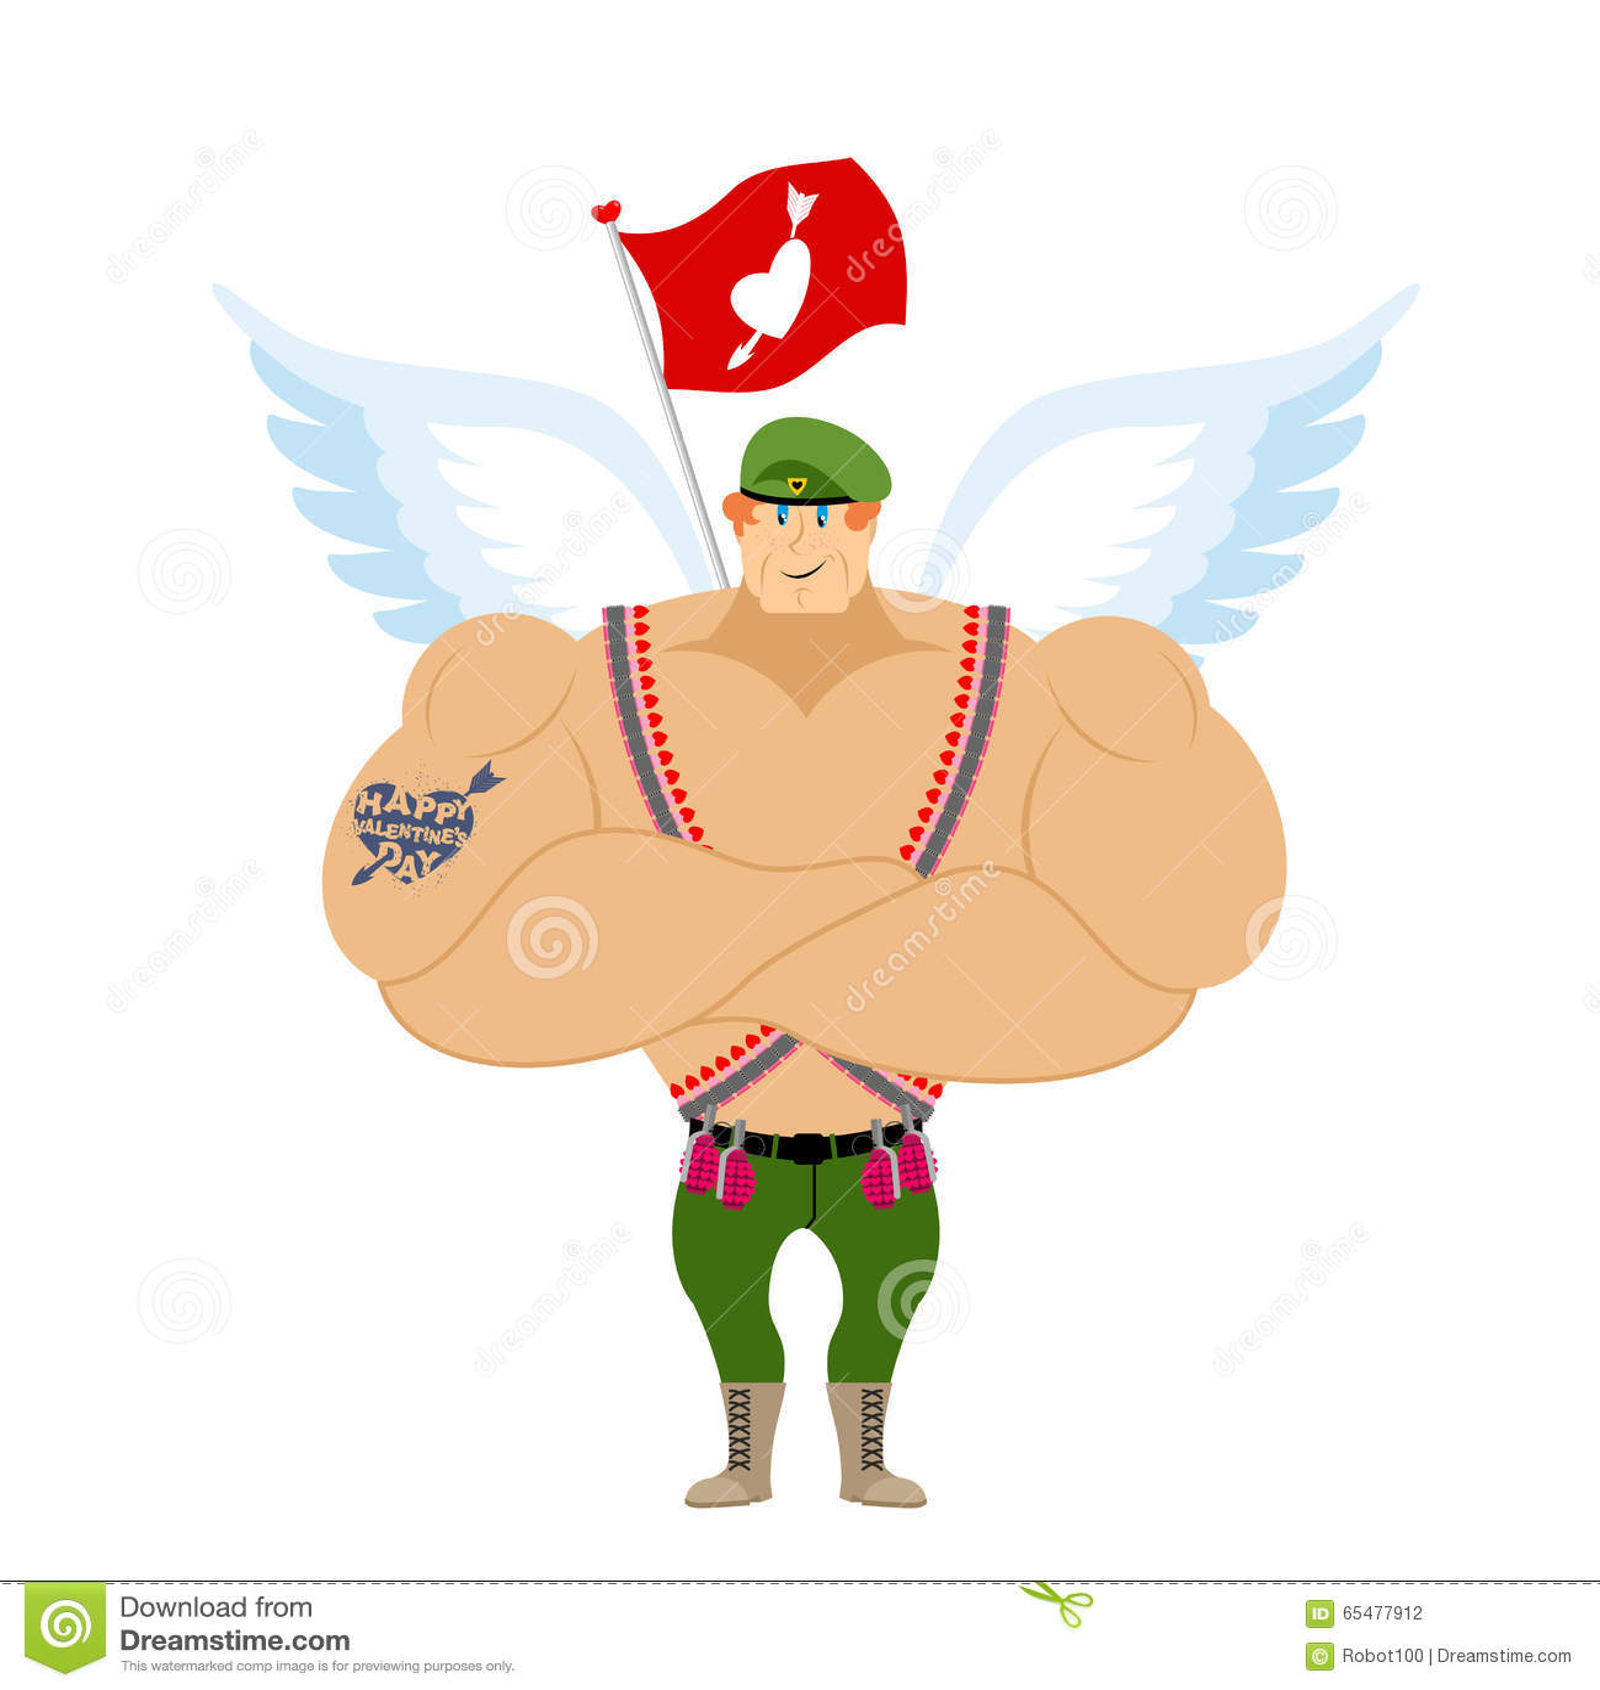 Soldats de la cavalerie de cupidon atterrissage ailes ange militaire illustration de vecteur - Image de cupidon gratuite ...